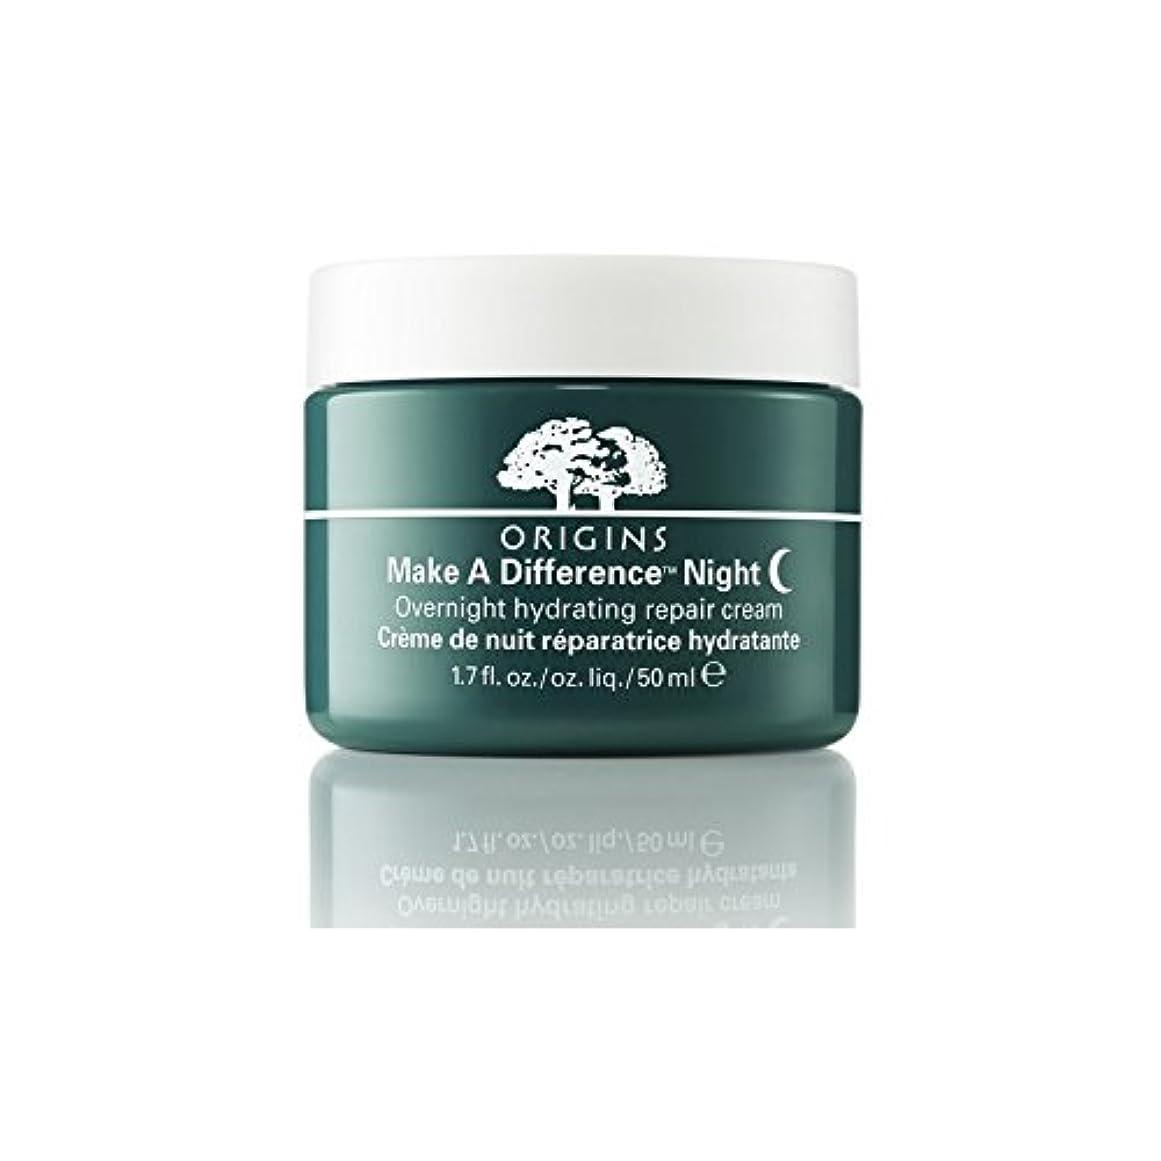 入る賄賂大学生Origins Make A Difference Overnight Hydrating Repair Cream 50ml - 起源は違い、一晩水和リペアクリーム50ミリリットルを作ります [並行輸入品]